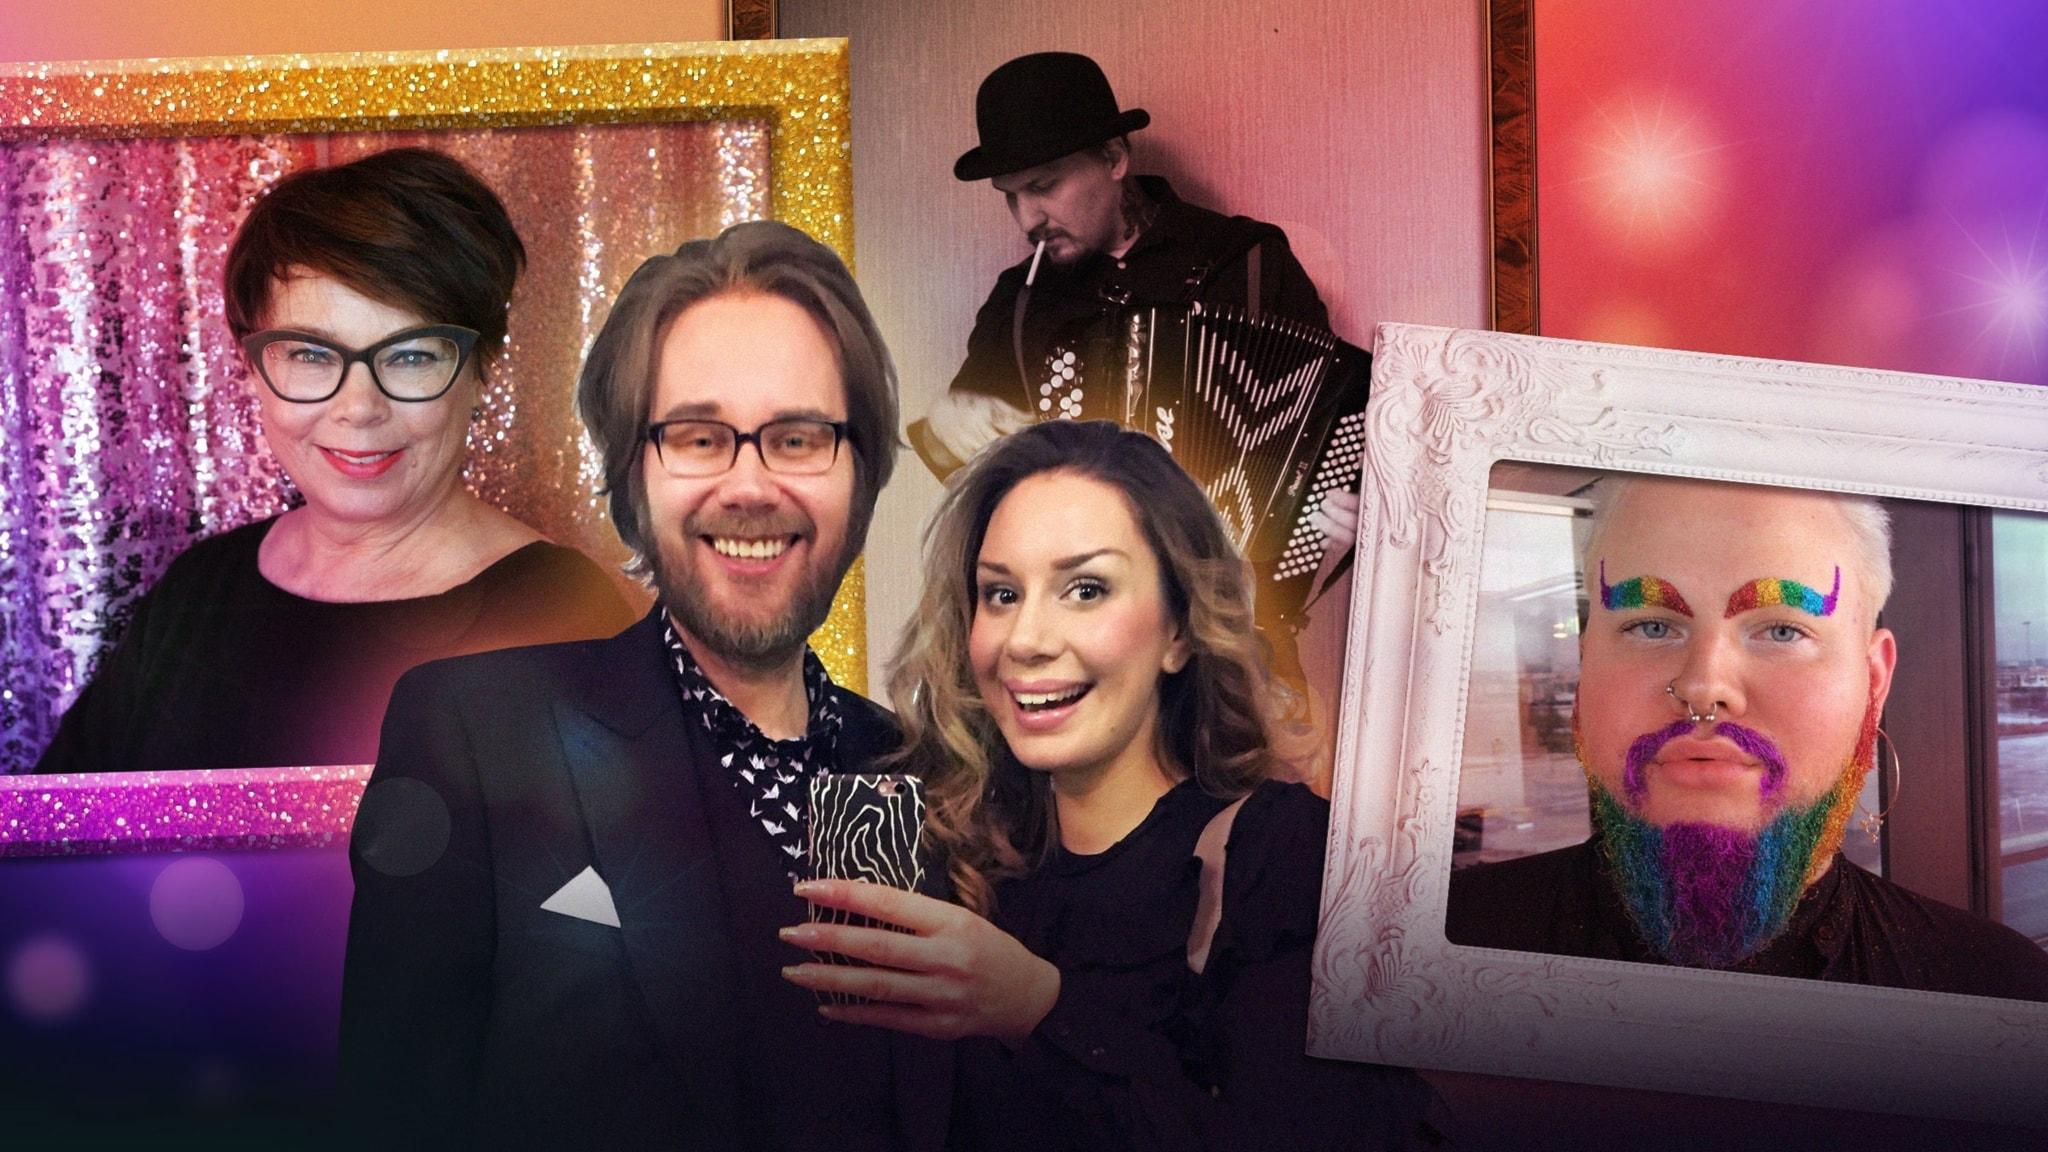 Glitterskägg, mogen bloggare och premiär för en exklusiv sverigefinsk låt